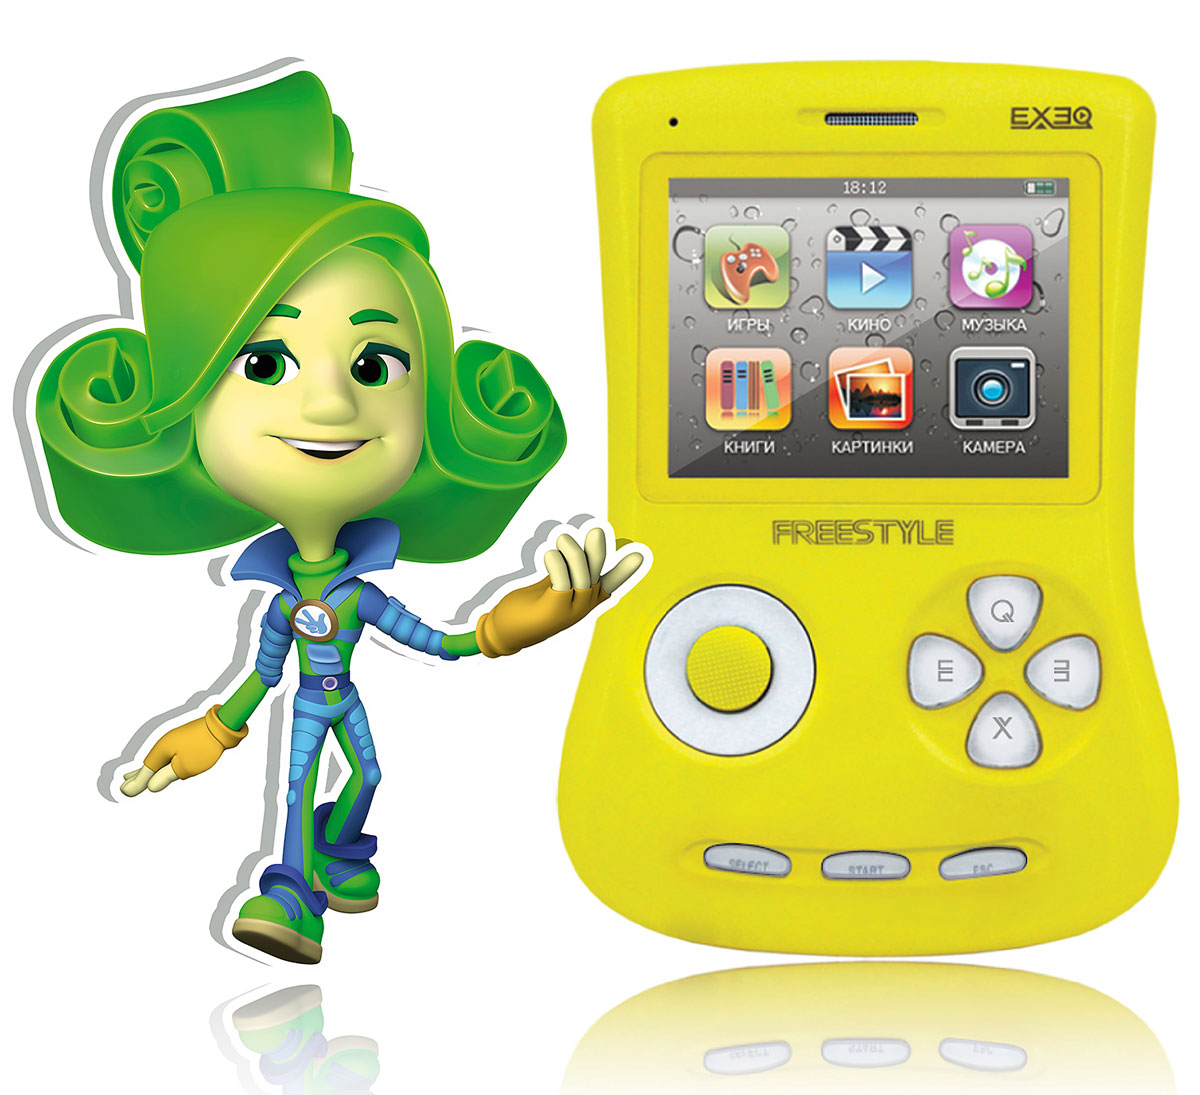 Портативная игровая приставка EXEQ ФикСи FreeStyle 2,7 (желтая)MP-1002 FX_желтыйИгровая Фикси-приставка Freestyle - это универсальная игровая приставка с оригинальным дизайном, LCD-дисплеем в 2,7 дюймов, встроенной памятью на 4 Гб и богатыми мультимедийными возможностями! Фикси-приставка воспроизводит любые игрушки на 8, 16 и 32 бита, которые можно свободно и бесплатно скачать из интернета или же довольствоваться 700 встроенными играми. А когда игры наскучат, Freestyle развлечет вас музыкой (поддерживаются MP3, FLAC, APE и другие), видео (в большинстве популярных форматов, включая MP4, AVI) или чтением электронных книг. В арсенале приставки предусмотрены даже FM-радио и 1,3 Мпикс камера! И еще один немаловажный аргумент - наличие видеовыхода на телевизор с RCA-кабелем в комплекте! Также игровая Фикси-приставка Freestyle имеет специальный пакет приложений от Фиксиков: 12 серий сериала Фиксики (4 новинки), 6 видеоклипов и несколько Фиксипелок.В январе 2015 г. специальный пакет приложений от Фиксиков пополнила 16-ти битная игра под одноименным названием - Фиксики! Стоит отметить, что новые приключения популярных героев в 16-битном формате доступны только на Фикси-приставках ГК Проявляй эмоции. Одной из таких приставок является Exeq Freestyle. Дисплей: 2,7 LCD с разрешением 320х240 точекВстроенная память: 4 ГбИсточник питания: Аккумулятор Lion емкостью 900 мАчВремя работы без подзарядки: около 6 часовРазъемы: AV-выход (видео + аудио), PAL/NTSC, выход для наушников, USBКарты памяти: MicroSD, объемом до 16 ГбЗарядка: через сетевой адаптер или от ПК через USBАудио: MP3, WMA, WMA, AAC, FLAC, APE и другие музыкальные форматыВидео: RRM, RMVB, AVI, FLV, 3GP, MP4, ASF, WAV, DAT, MPG и другие видео форматыИзображения: JPEG, BMP, GIF, PNG, полноэкранный просмотр, слайд-шоуЭлектронная книга: ТХТИгры: 8, 16, 32 бит, NES, SMD, GBA, GBC, GB, SMC, BINКамера: фото/видео-камера, 1,3 МпиксПриложения: предустановленные игры, календарь, часы, калькулятор, секундомер